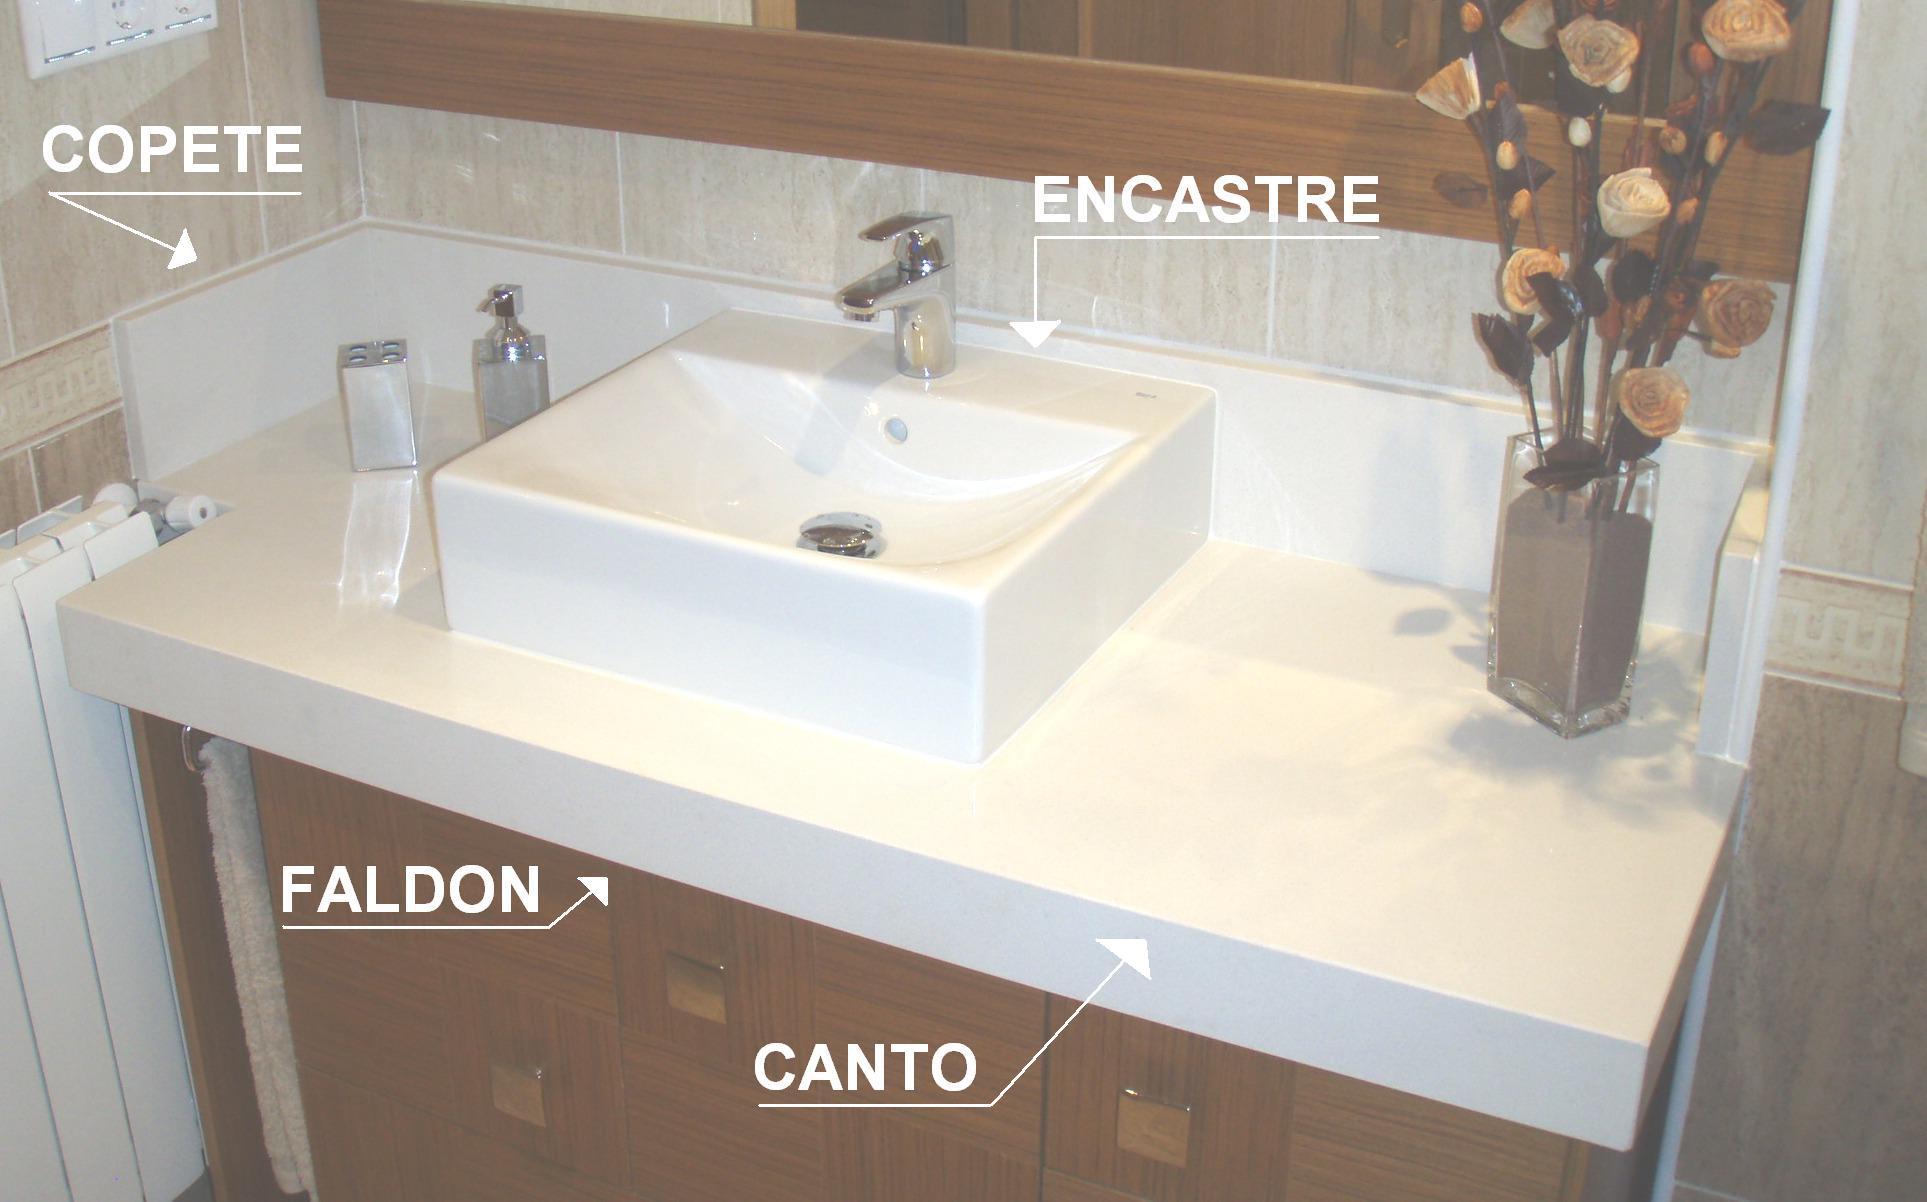 Marmolistas alicante encimeras de ba o silestone granito for Encimeras de marmol